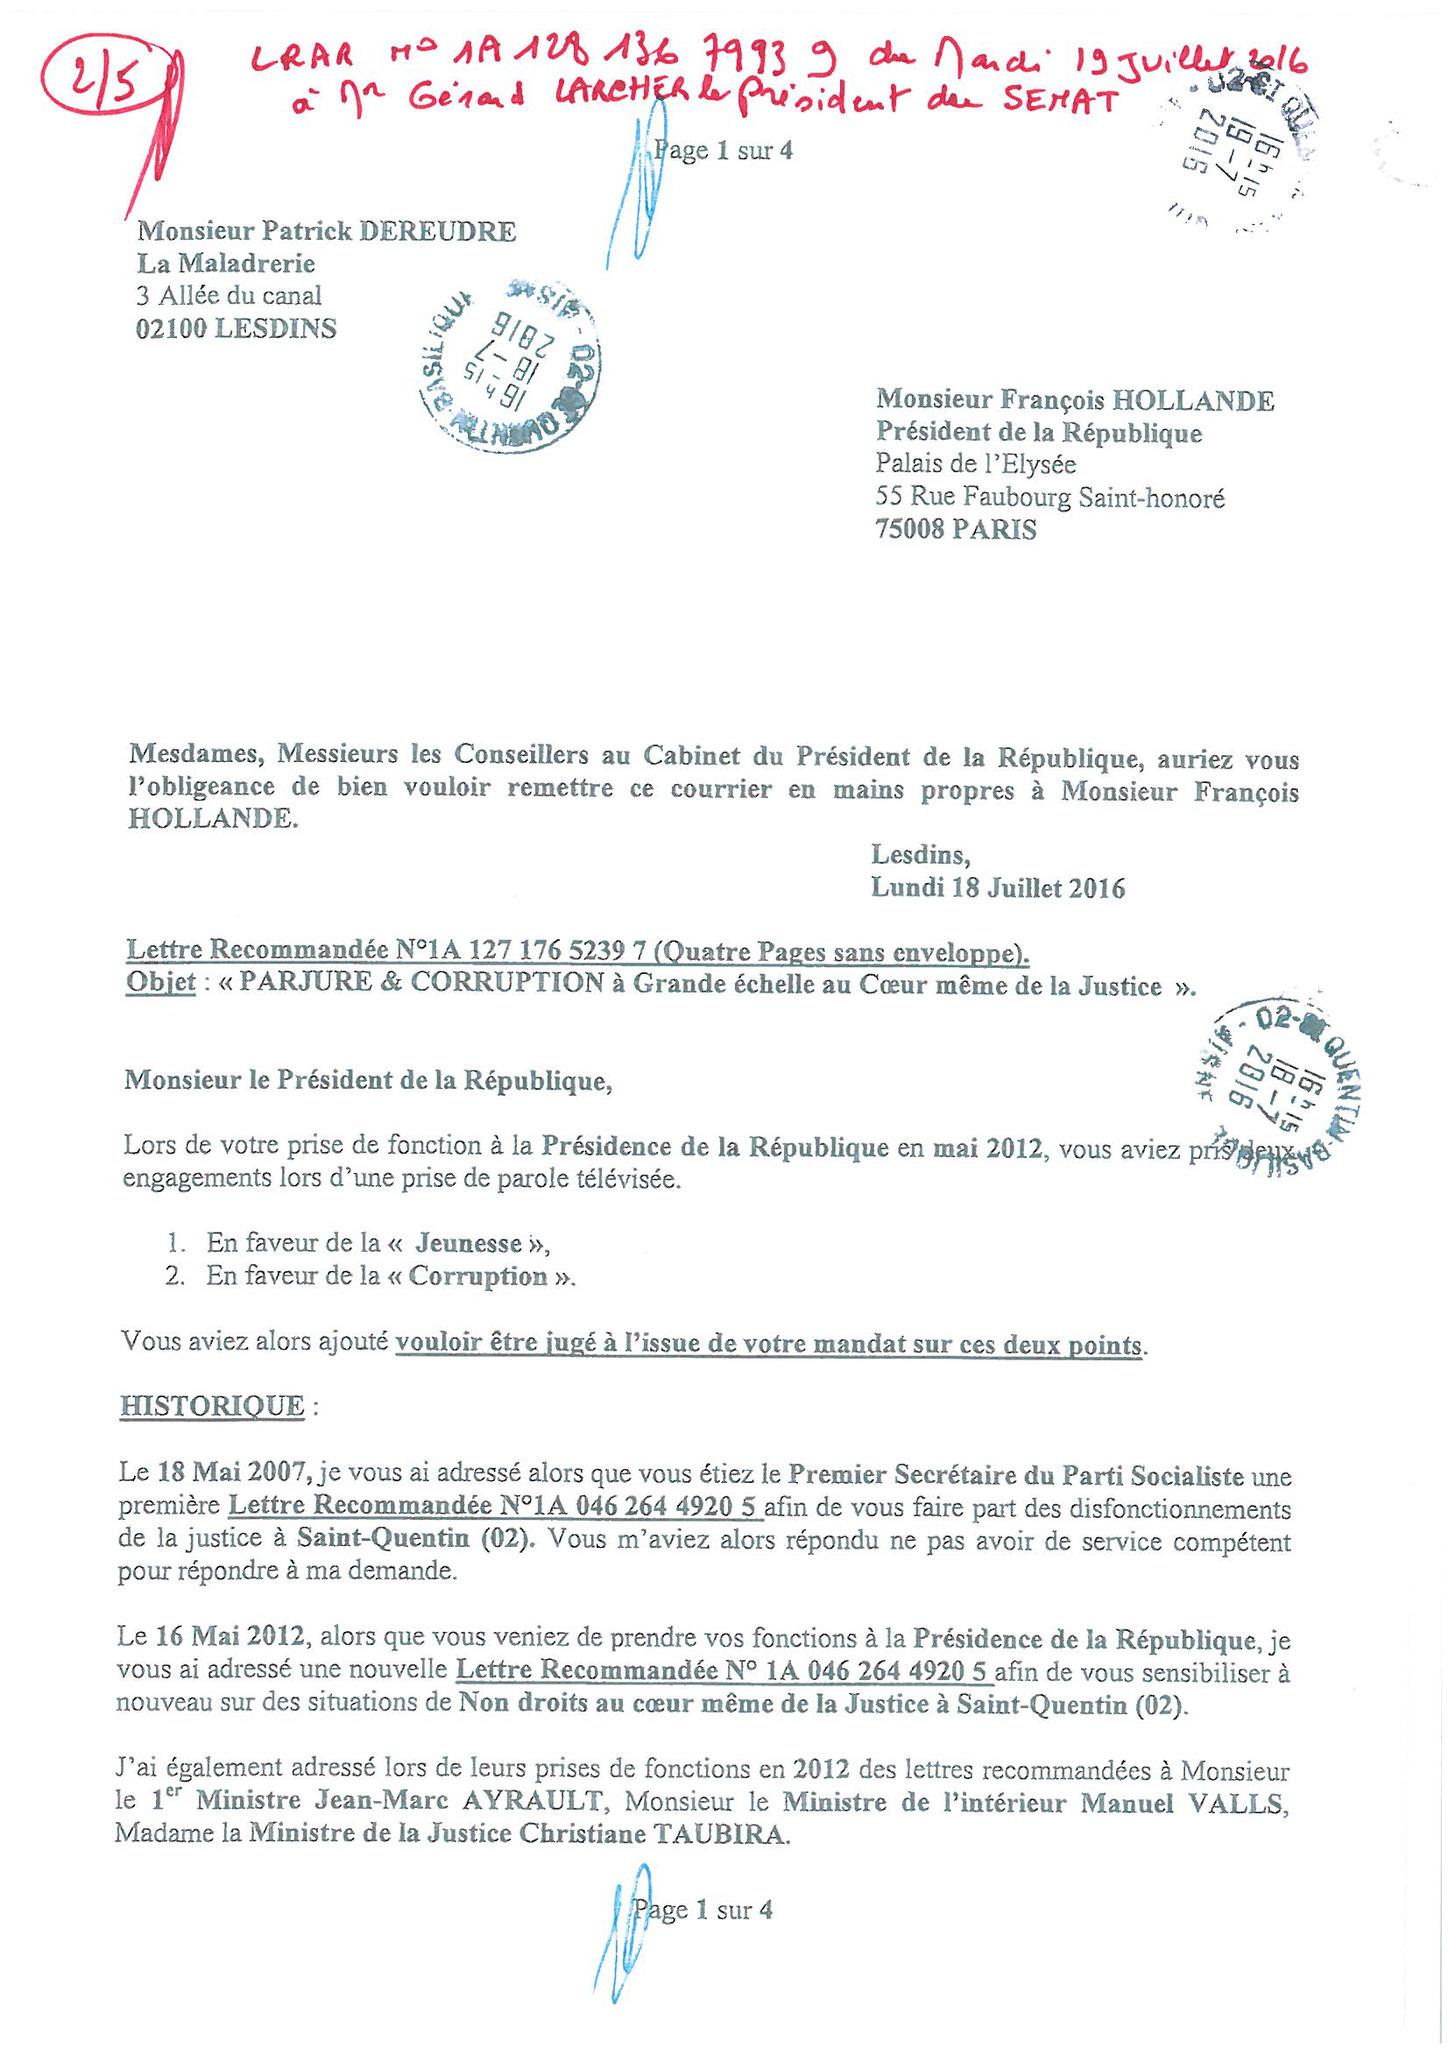 LRAR du 19 Juillet 2016 à Monsieur Gérard LARCHER le Président du Sénat page 2 sur 5